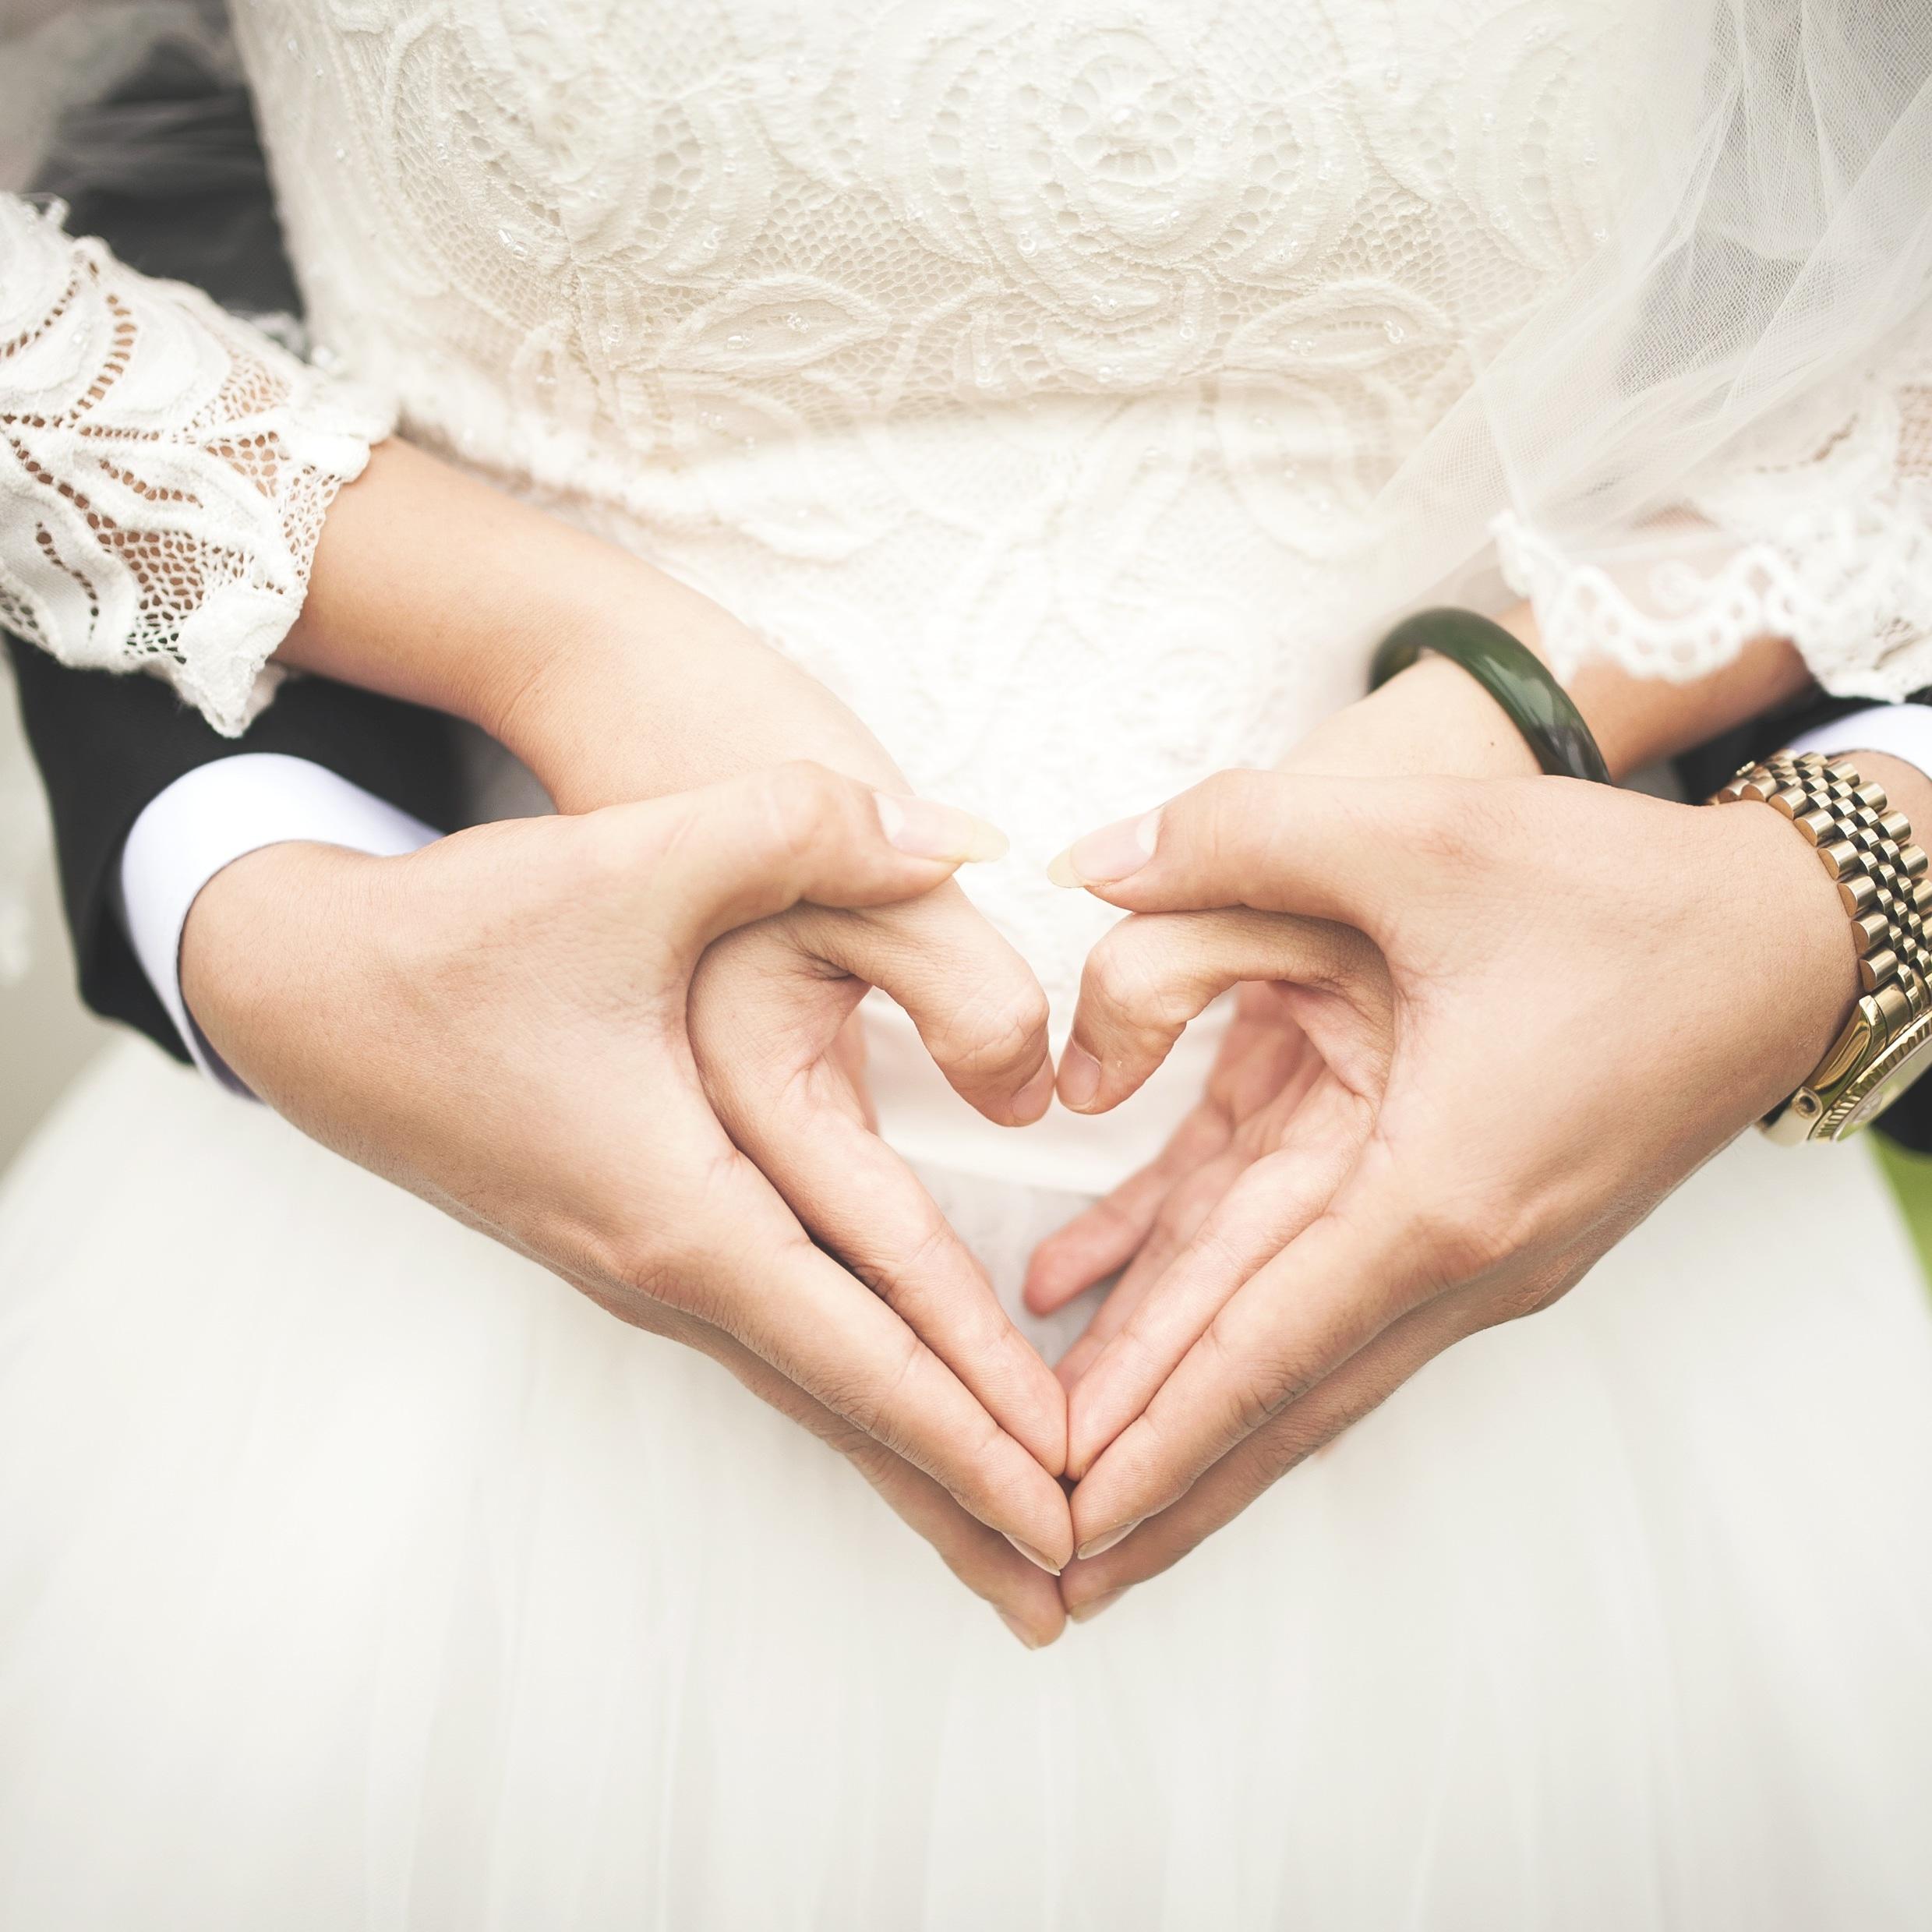 「生涯未婚率」→「50歳時未婚率」用語の変更がありました。